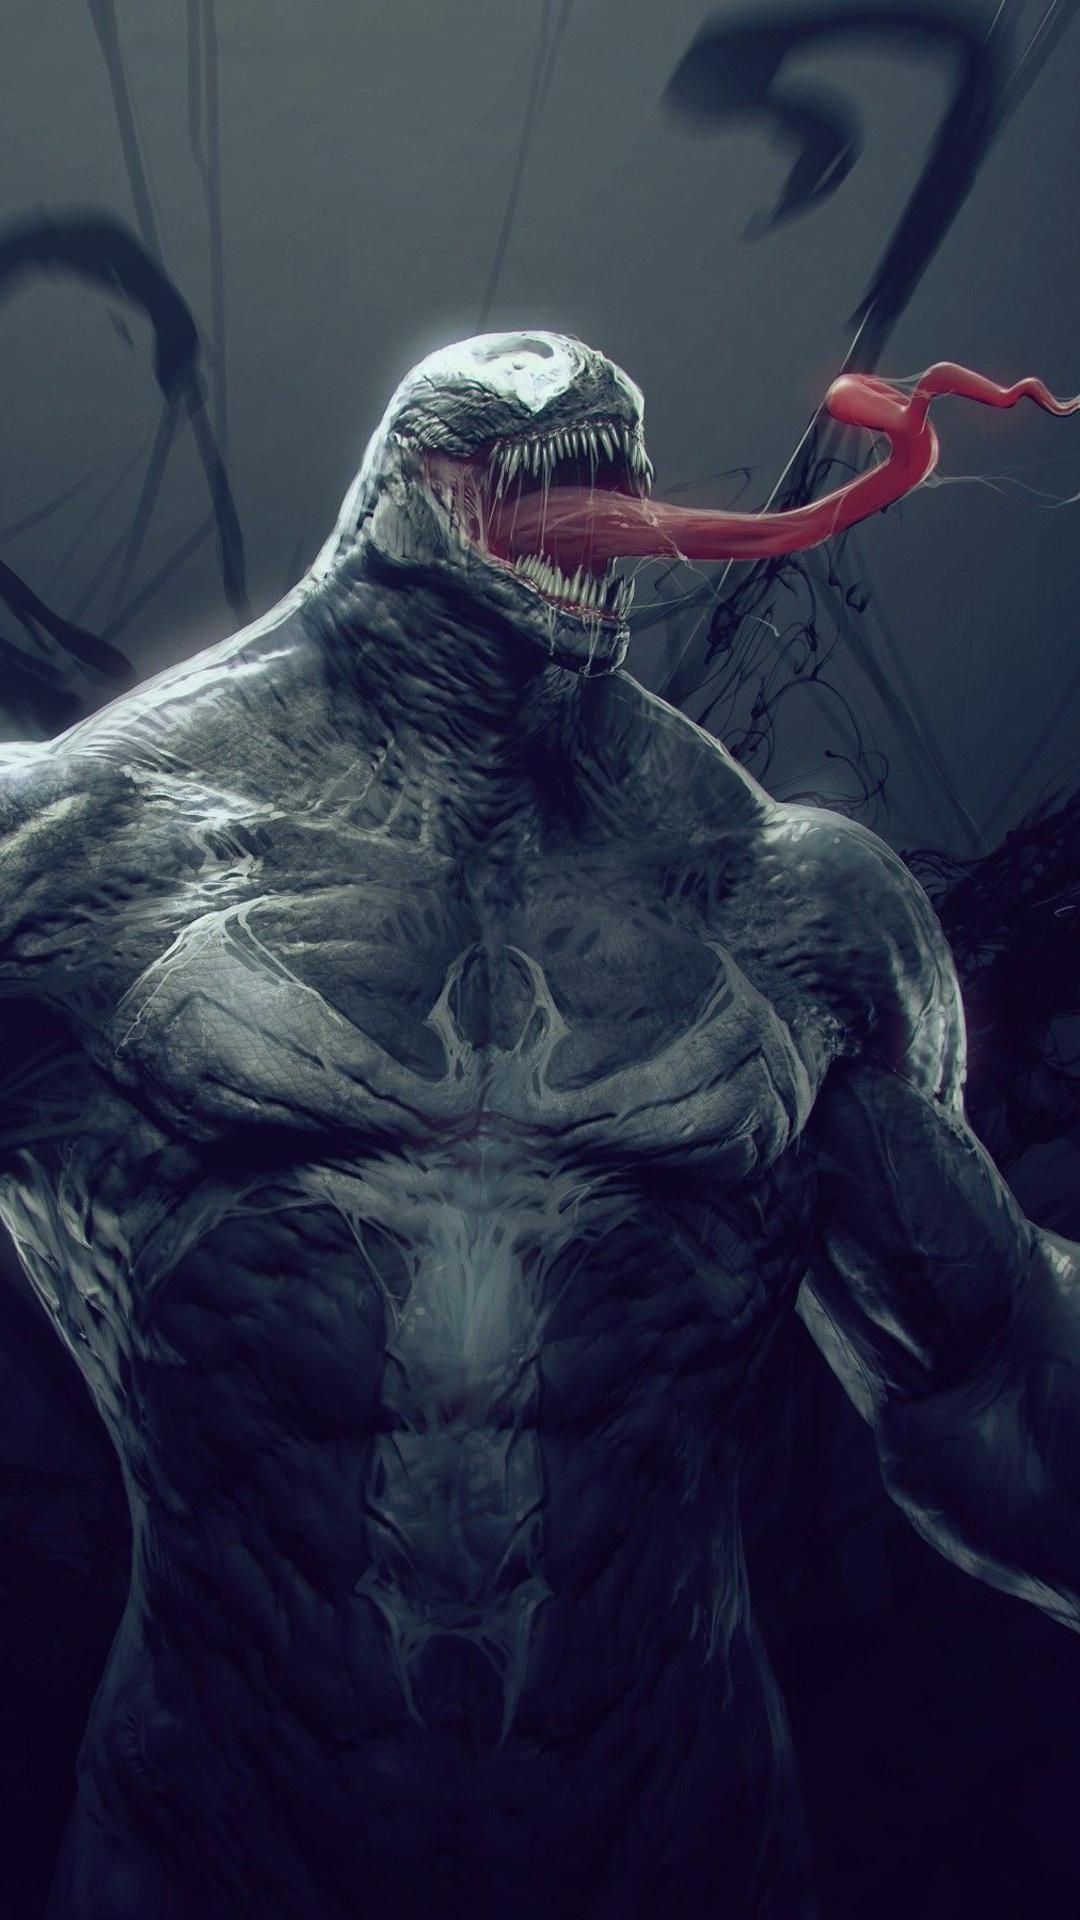 venom-digital-art-sl.jpg